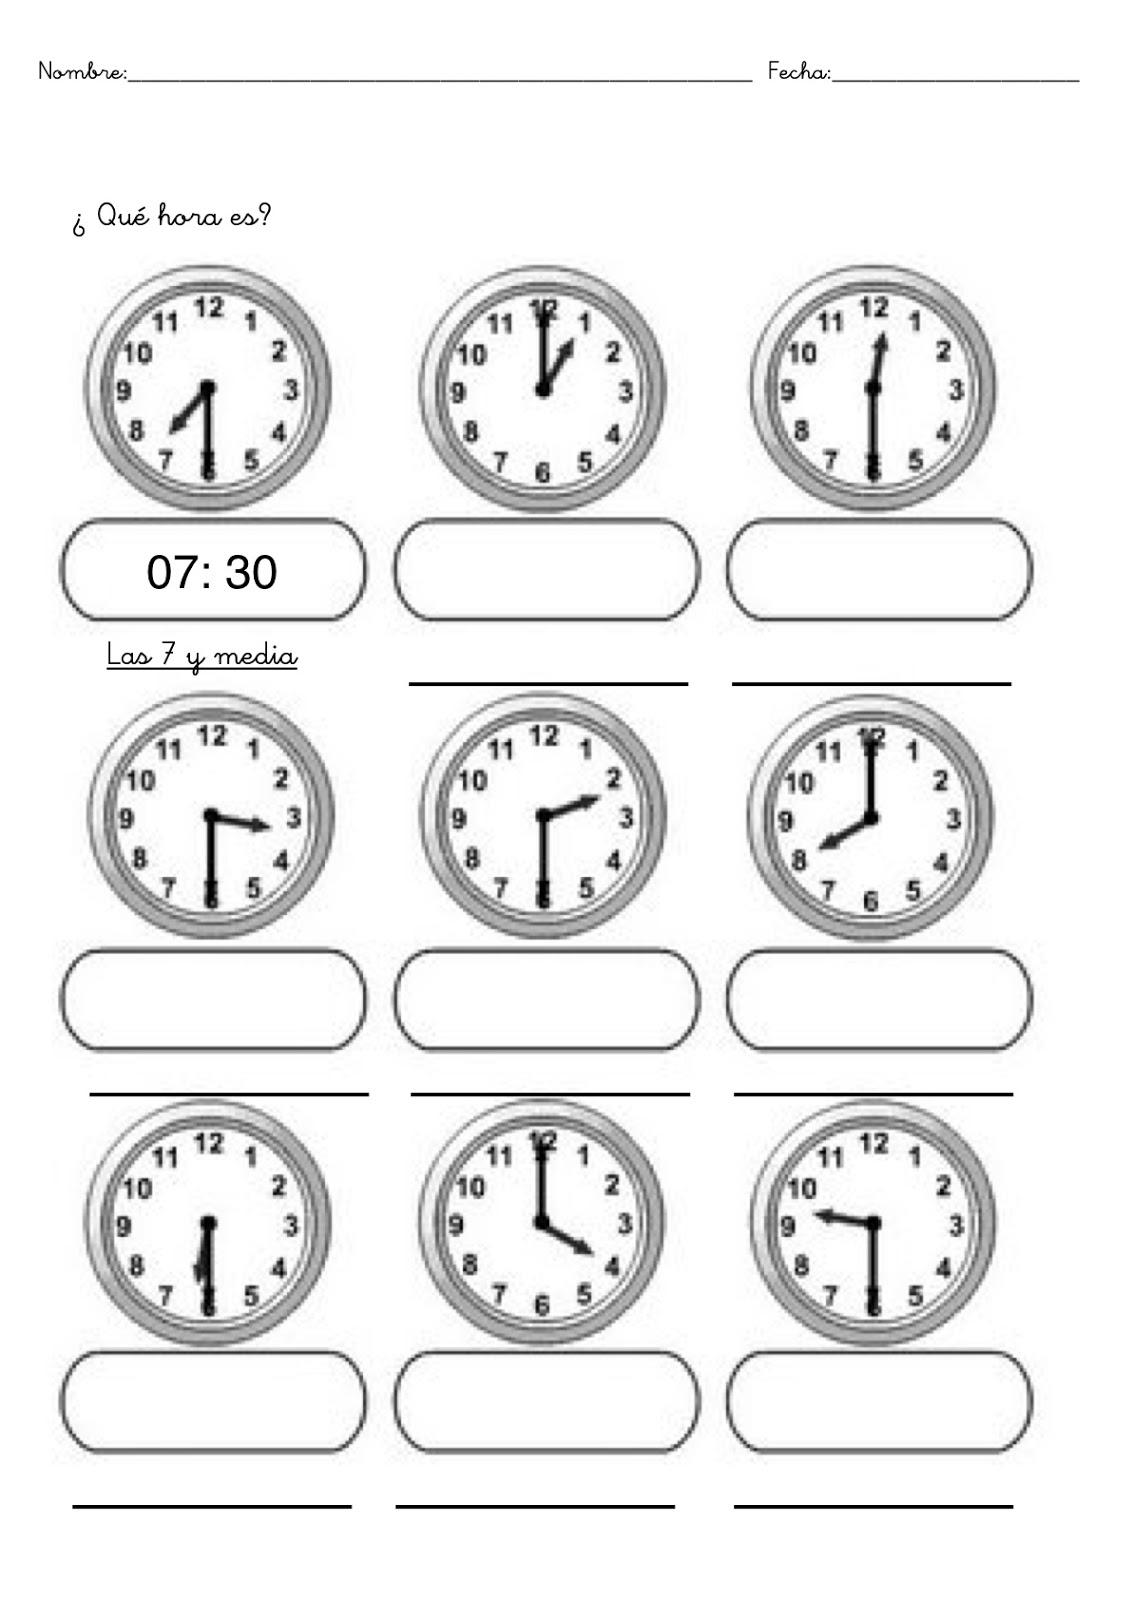 4b en Internet: La hora